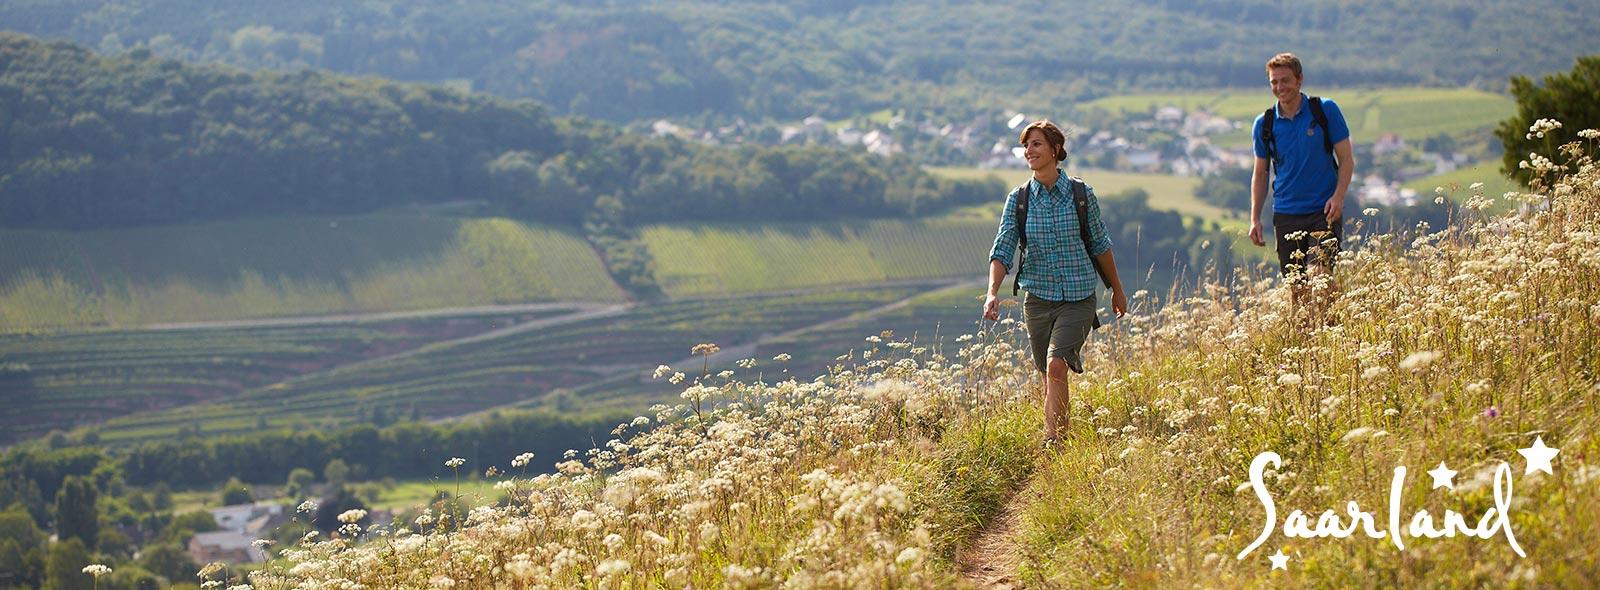 Wandern im Dreiländereck Frankreich Luxemburg Saarland